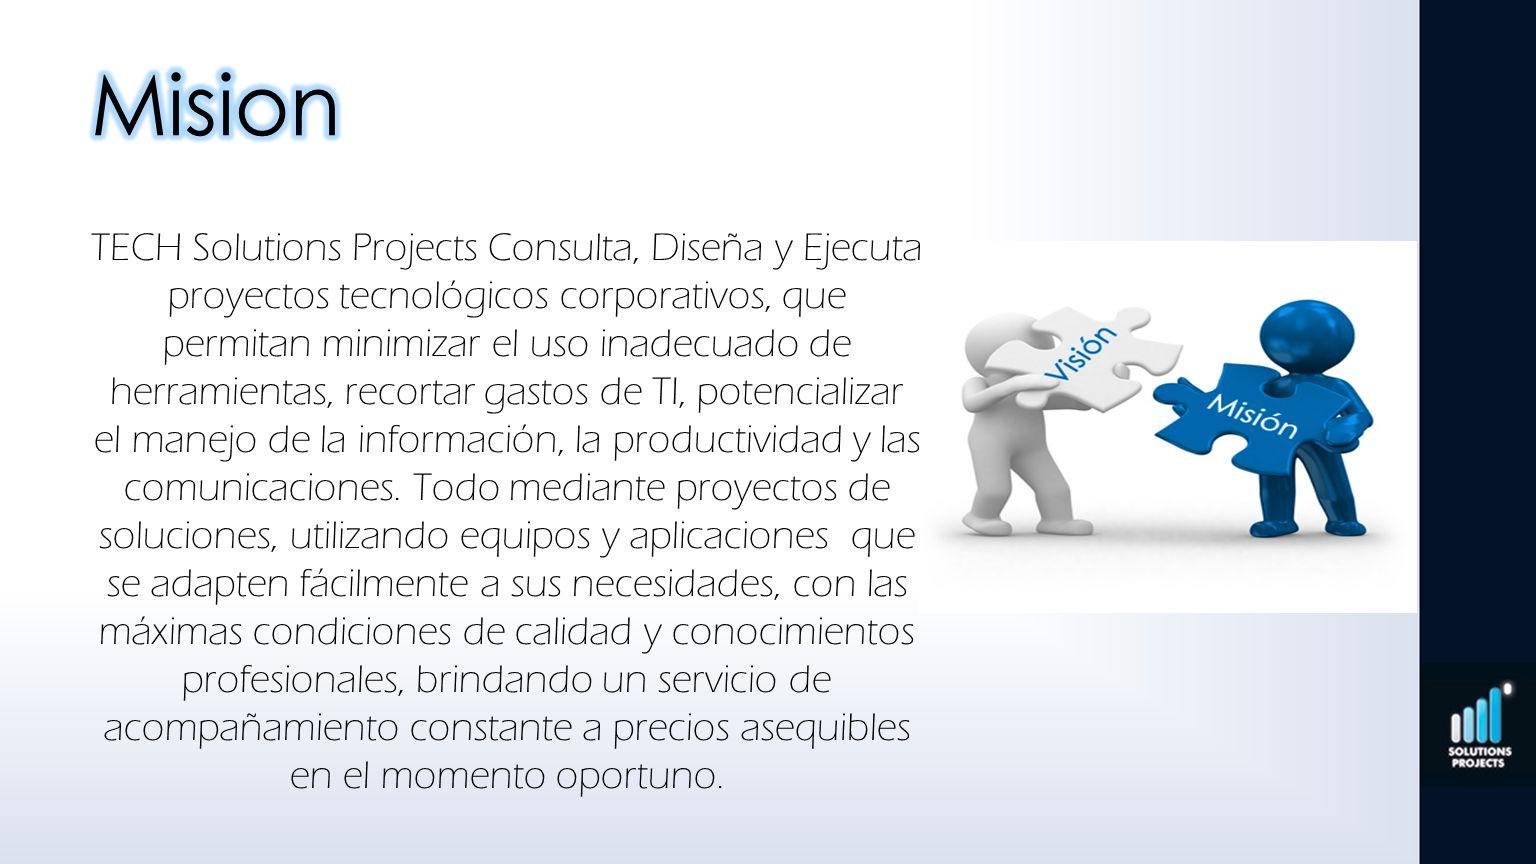 TECH Solutions Projects Consulta, Diseña y Ejecuta proyectos tecnológicos corporativos, que permitan minimizar el uso inadecuado de herramientas, reco